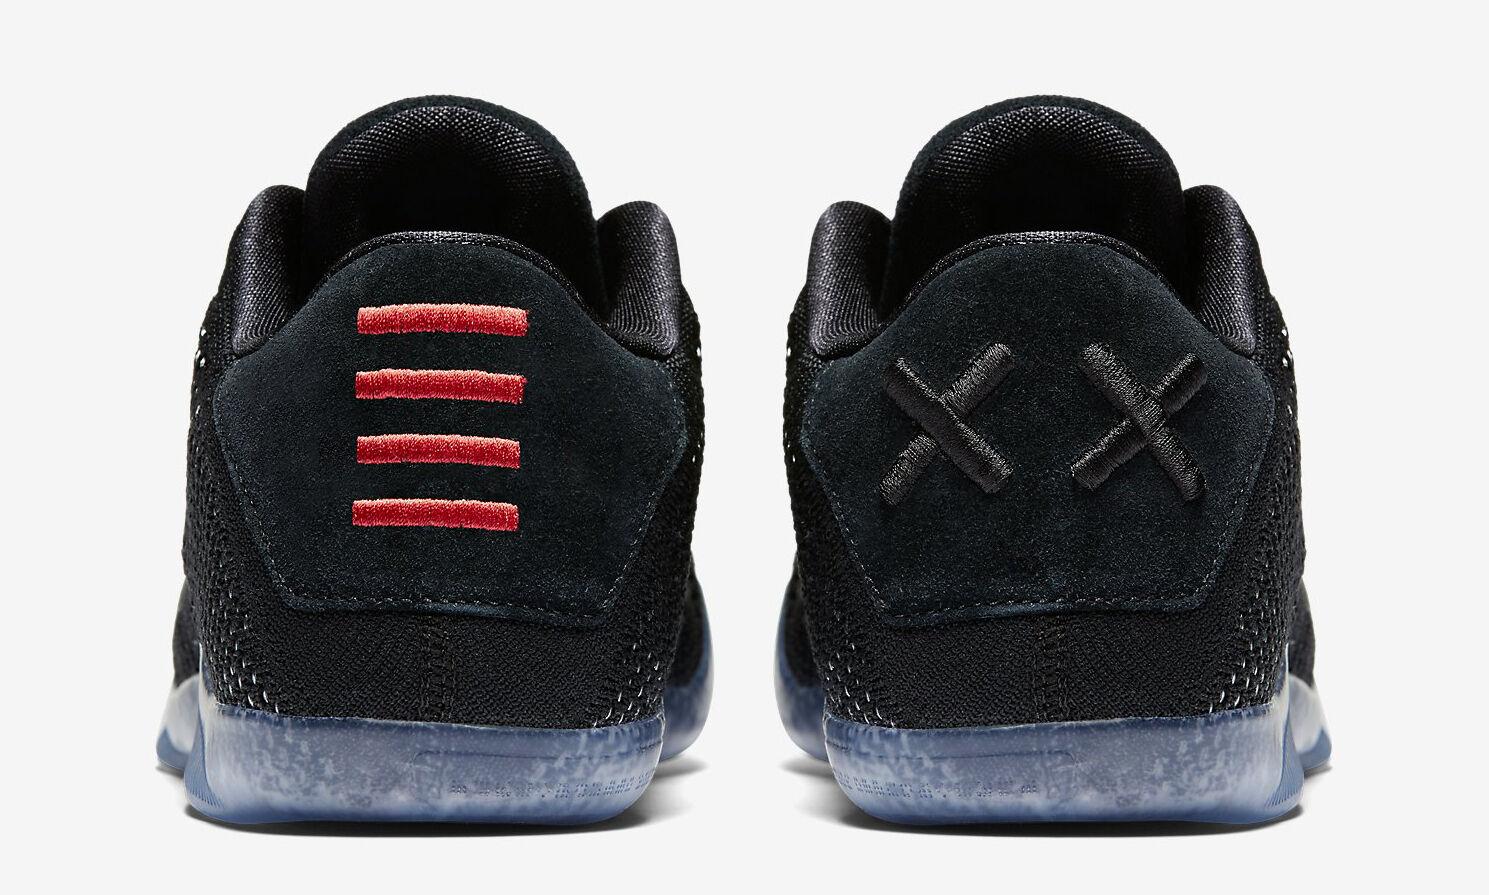 Nike männer kobe xi elite niedrige schwarze schwarze schwarze größe 7 neue e856b6